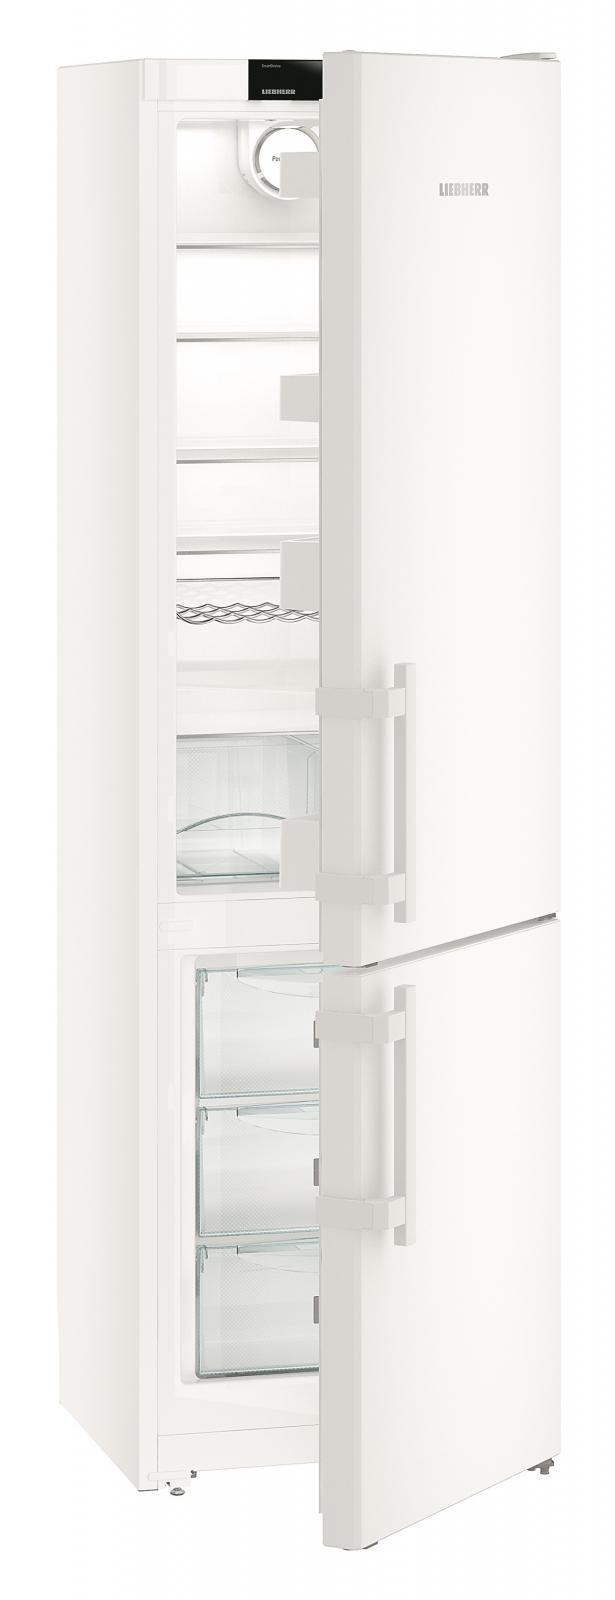 купить Двухкамерный холодильник Liebherr C 3825 Украина фото 5